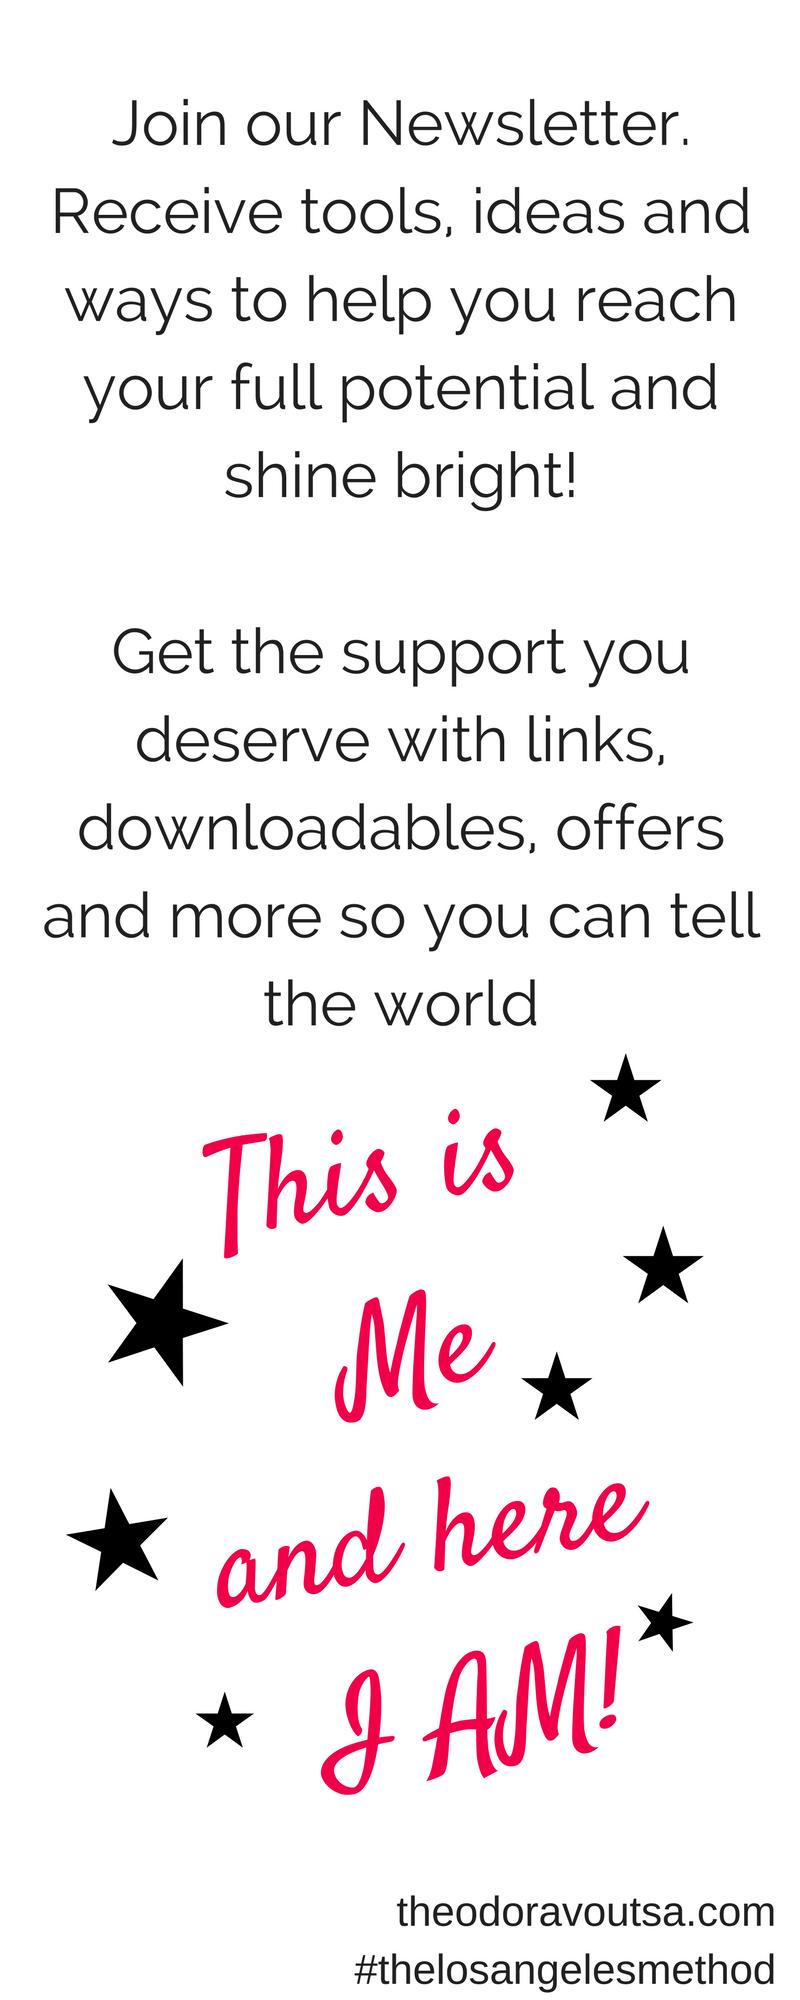 http://www.theodoravoutsa.com/join-us/